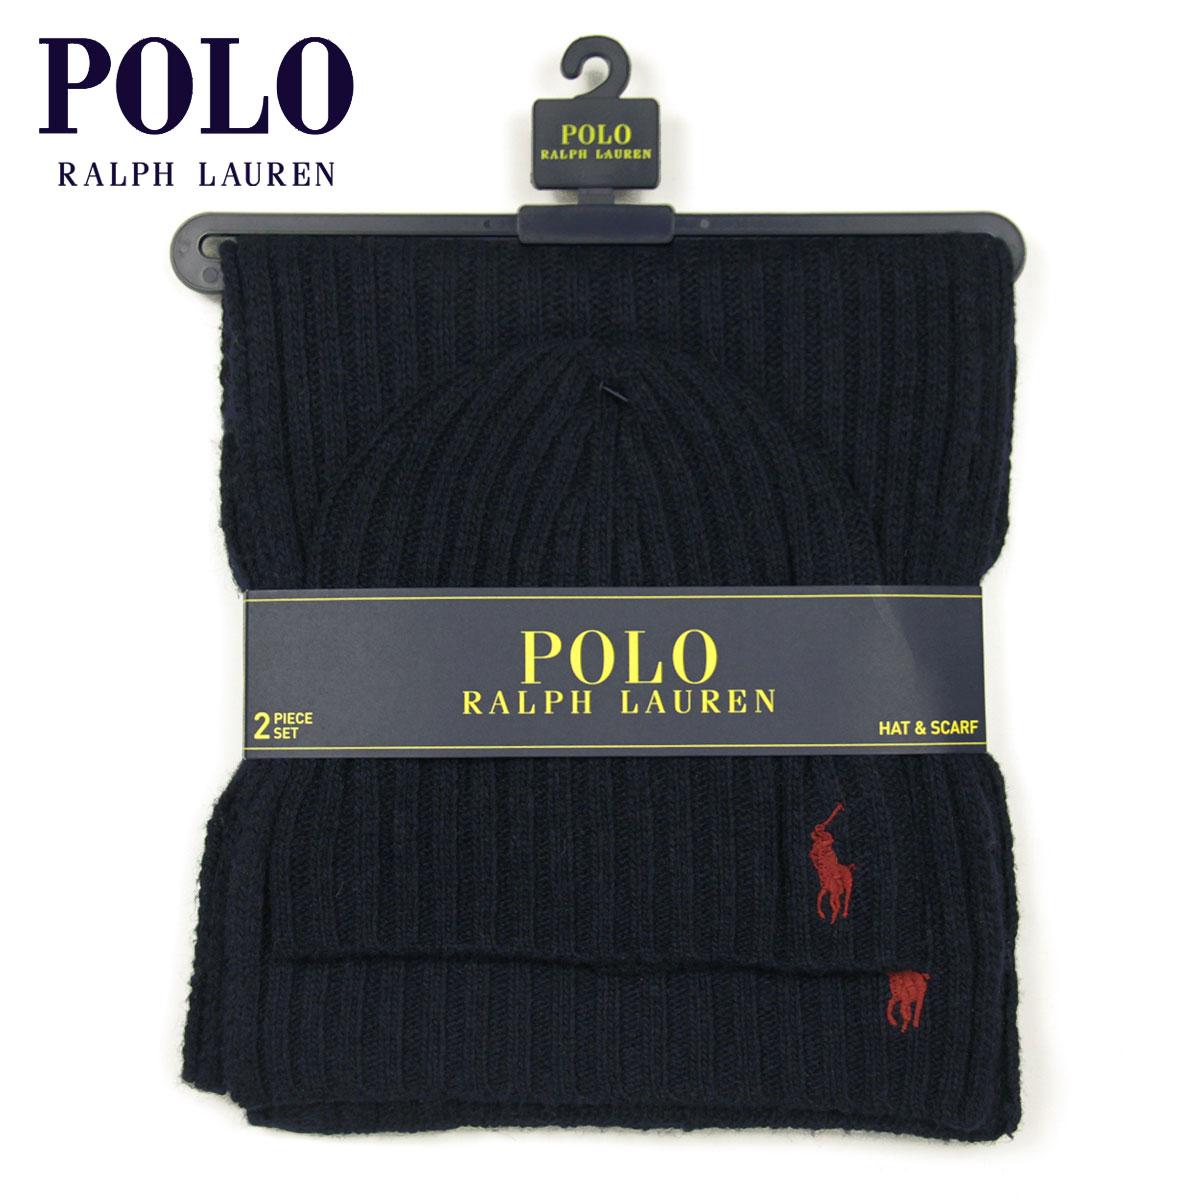 ポロ ラルフローレン セット マフラー ニットキャップ メンズ レディース 正規品 POLO RALPH LAUREN マフラー 帽子セット KNIT SCARF 父の日